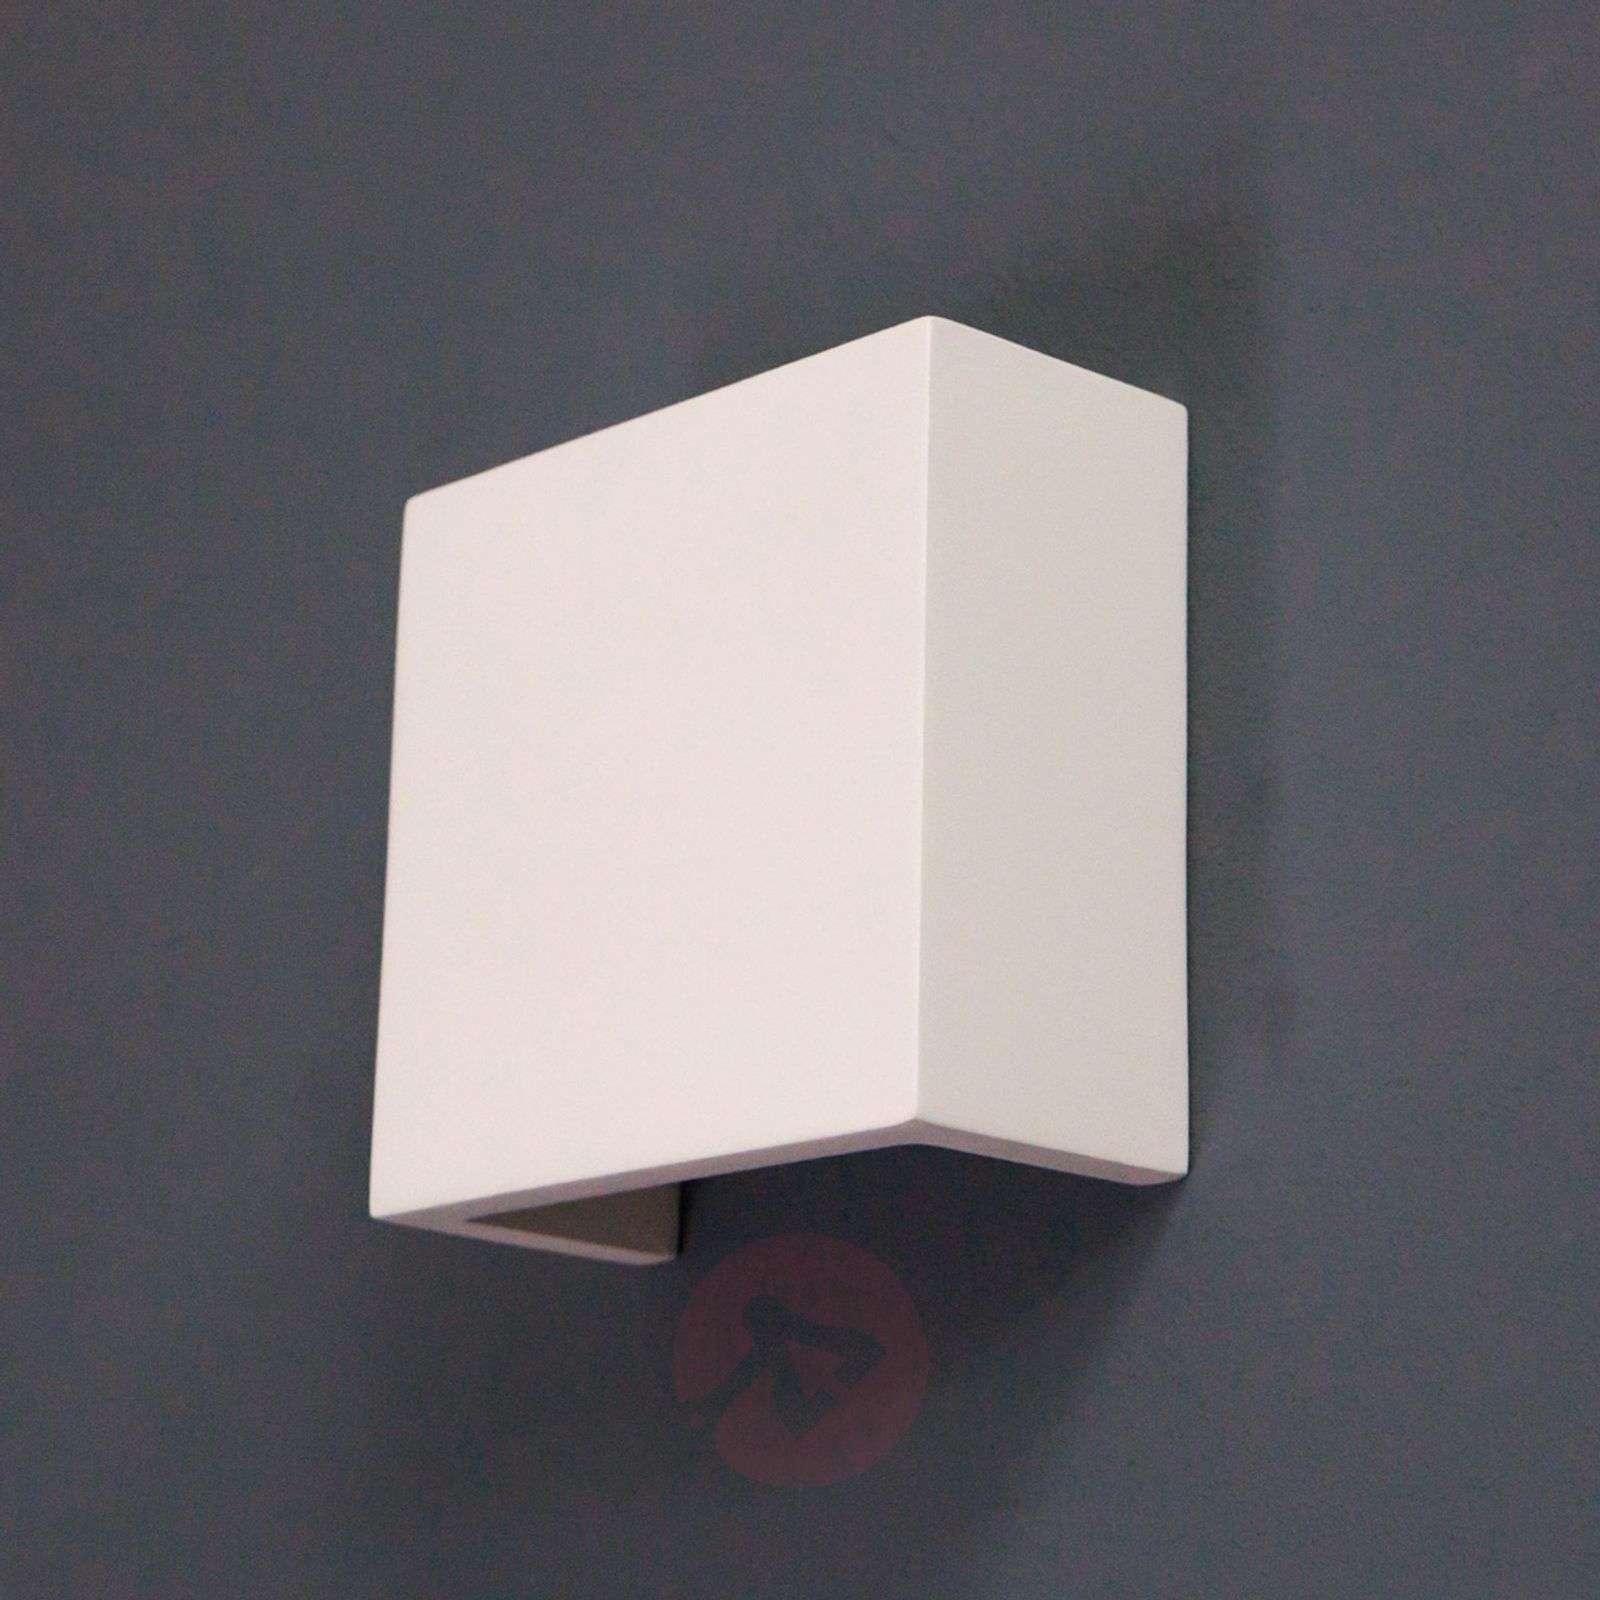 LED-seinävalaisin Fabiola kipsistä-9613012-02